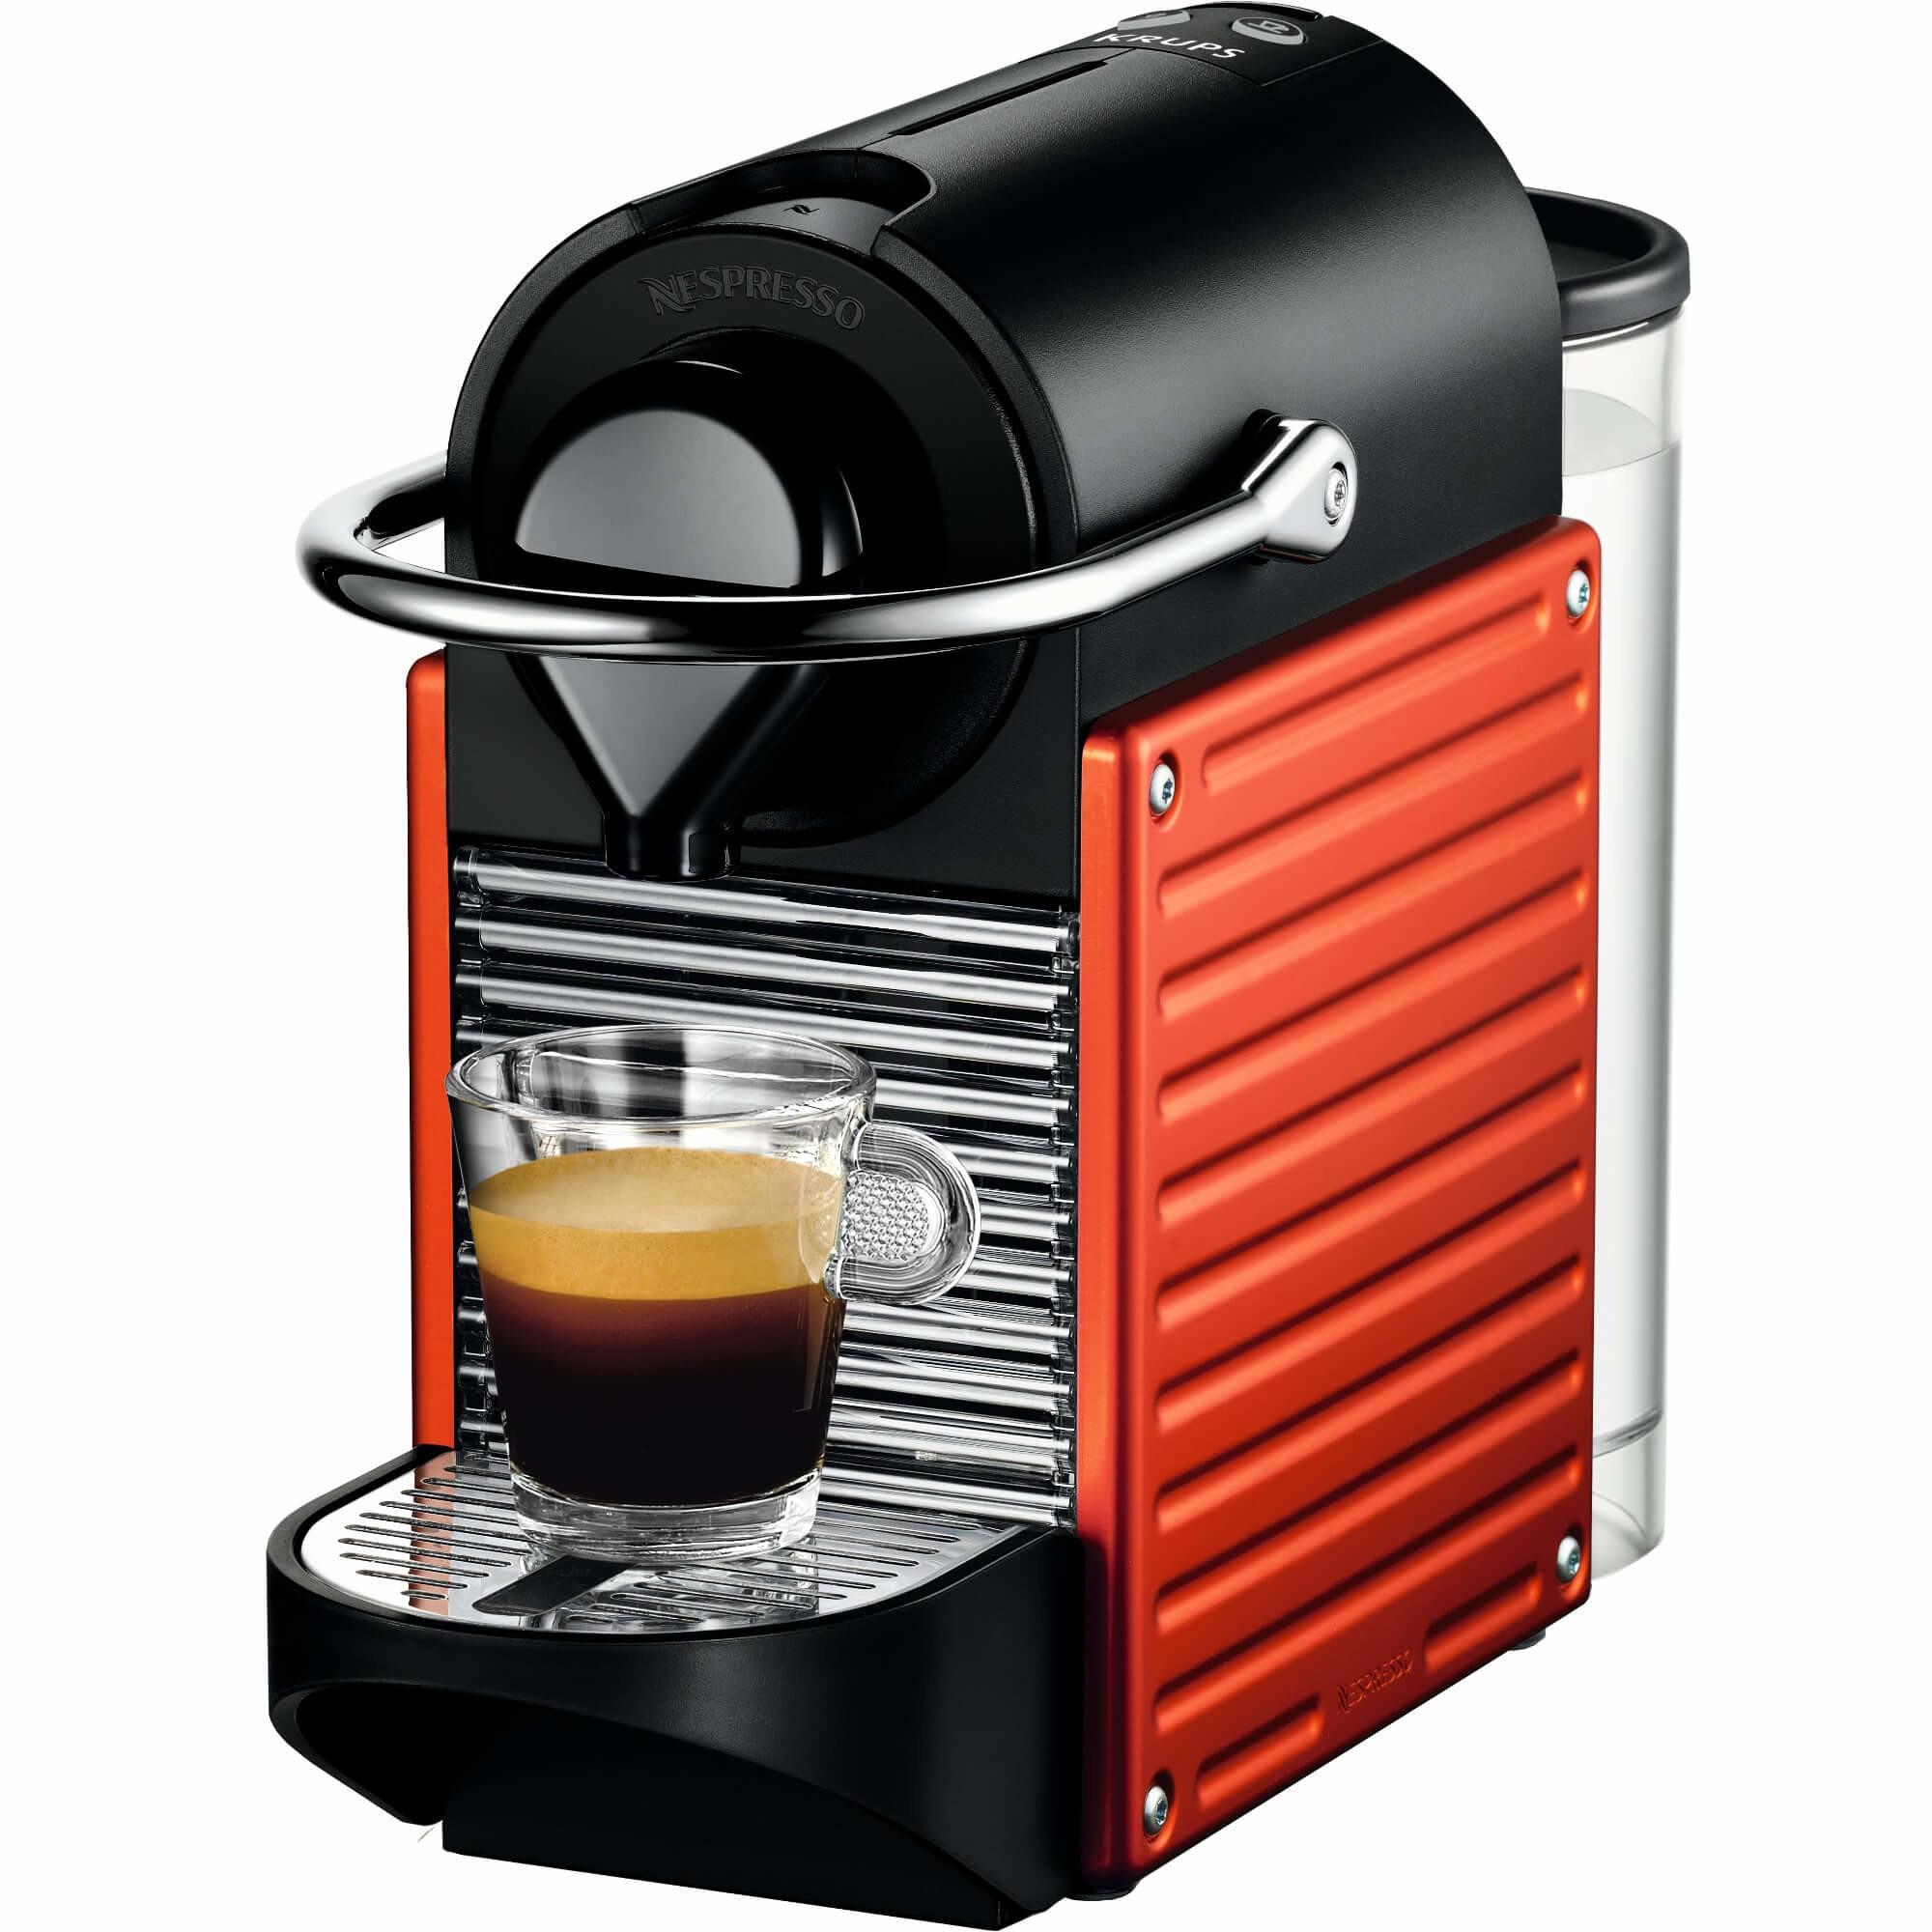 Fotografie Espressor Nespresso Pixie Red C60-EU-RE-NE, 19 bari, 1260 W, 0.7 l, Rosu + 14 capsule cadou